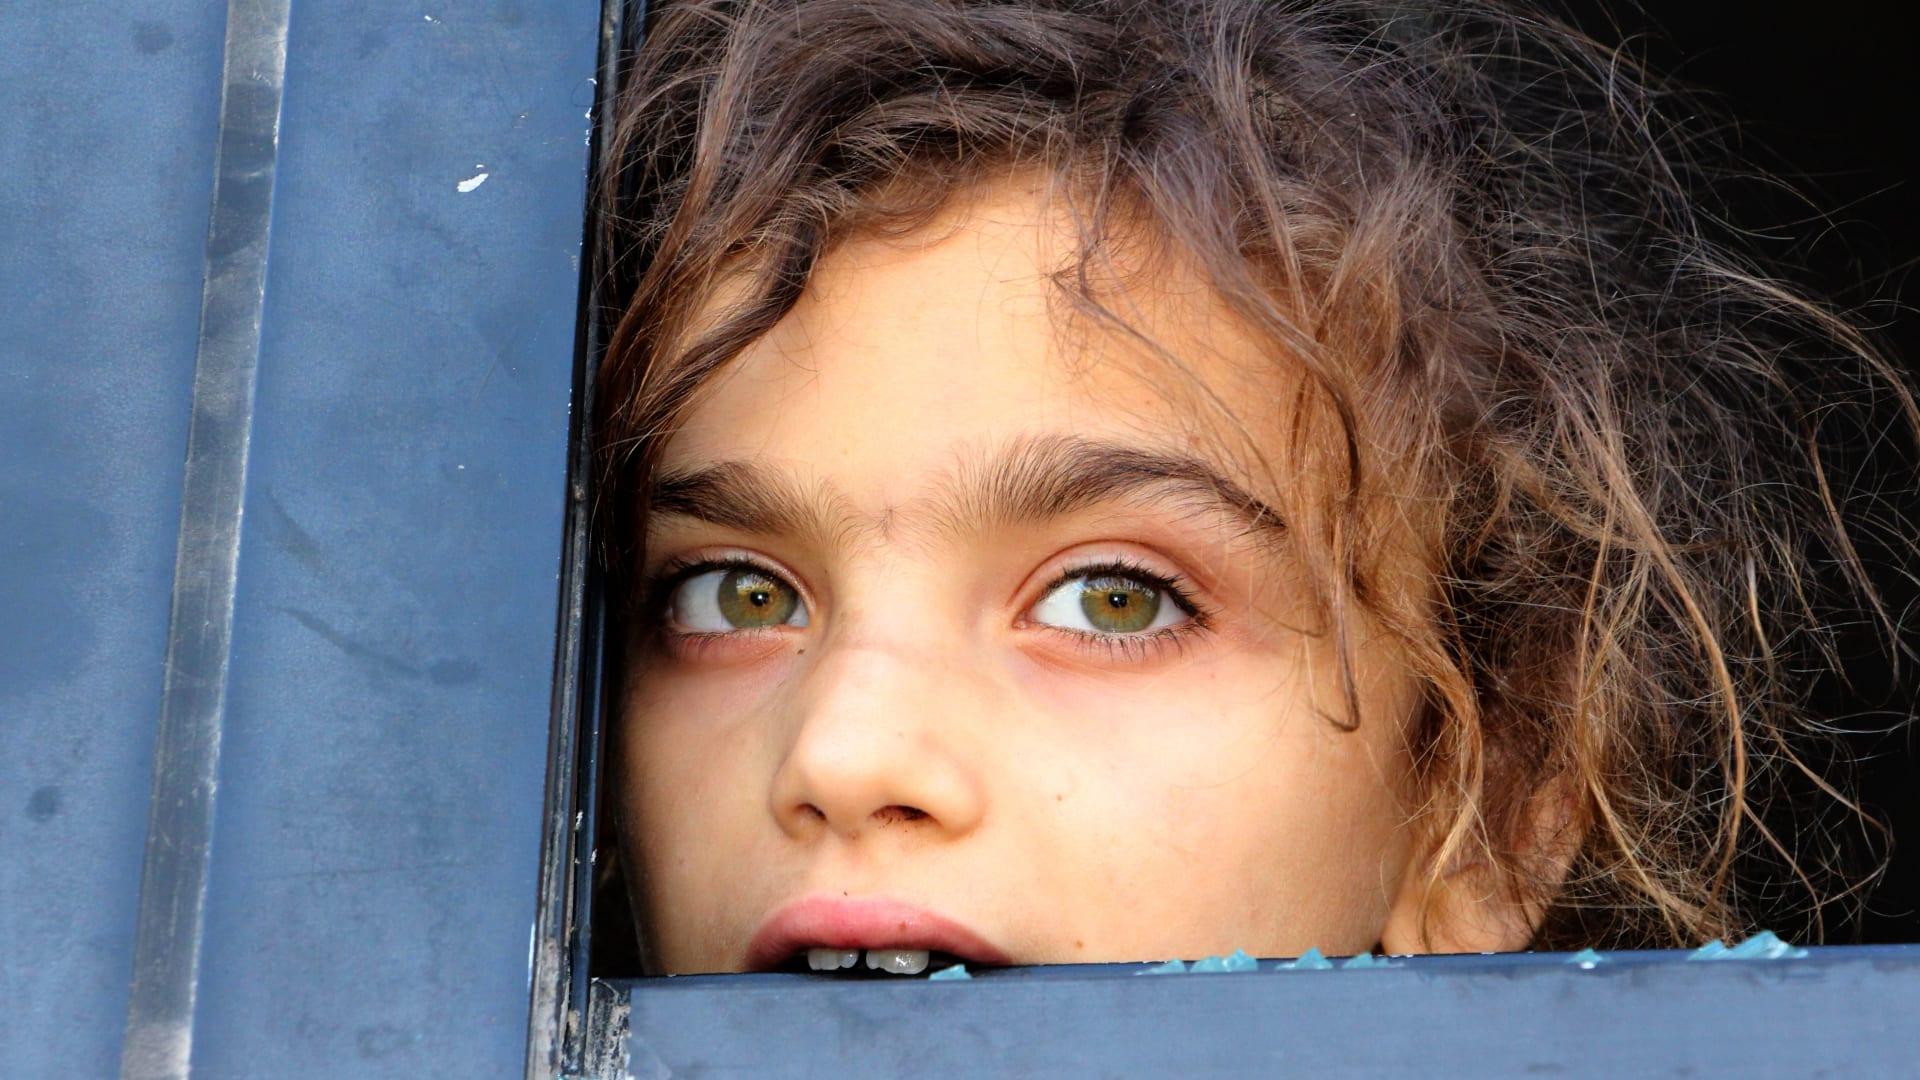 الأمم المتحدة تحصي عدد الأطفال المستهدفين بسوريا خلال سنوات الحرب